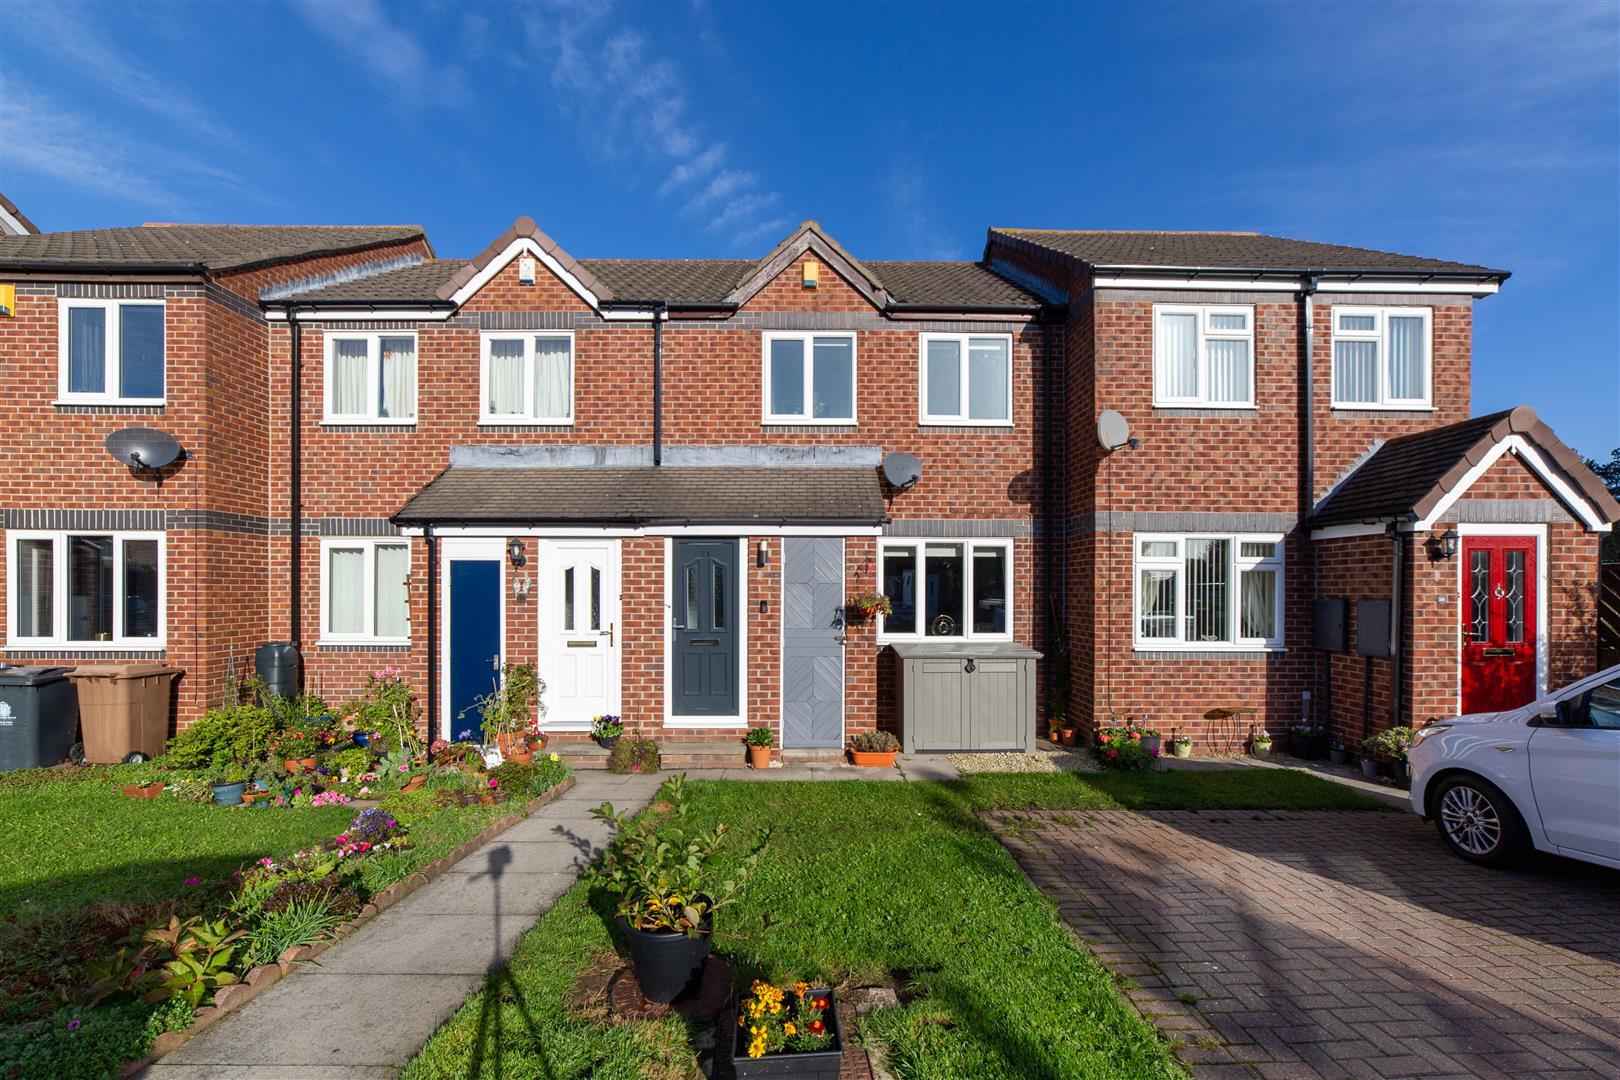 2 bed terraced house for sale in Hanover Court, Cramlington, NE23